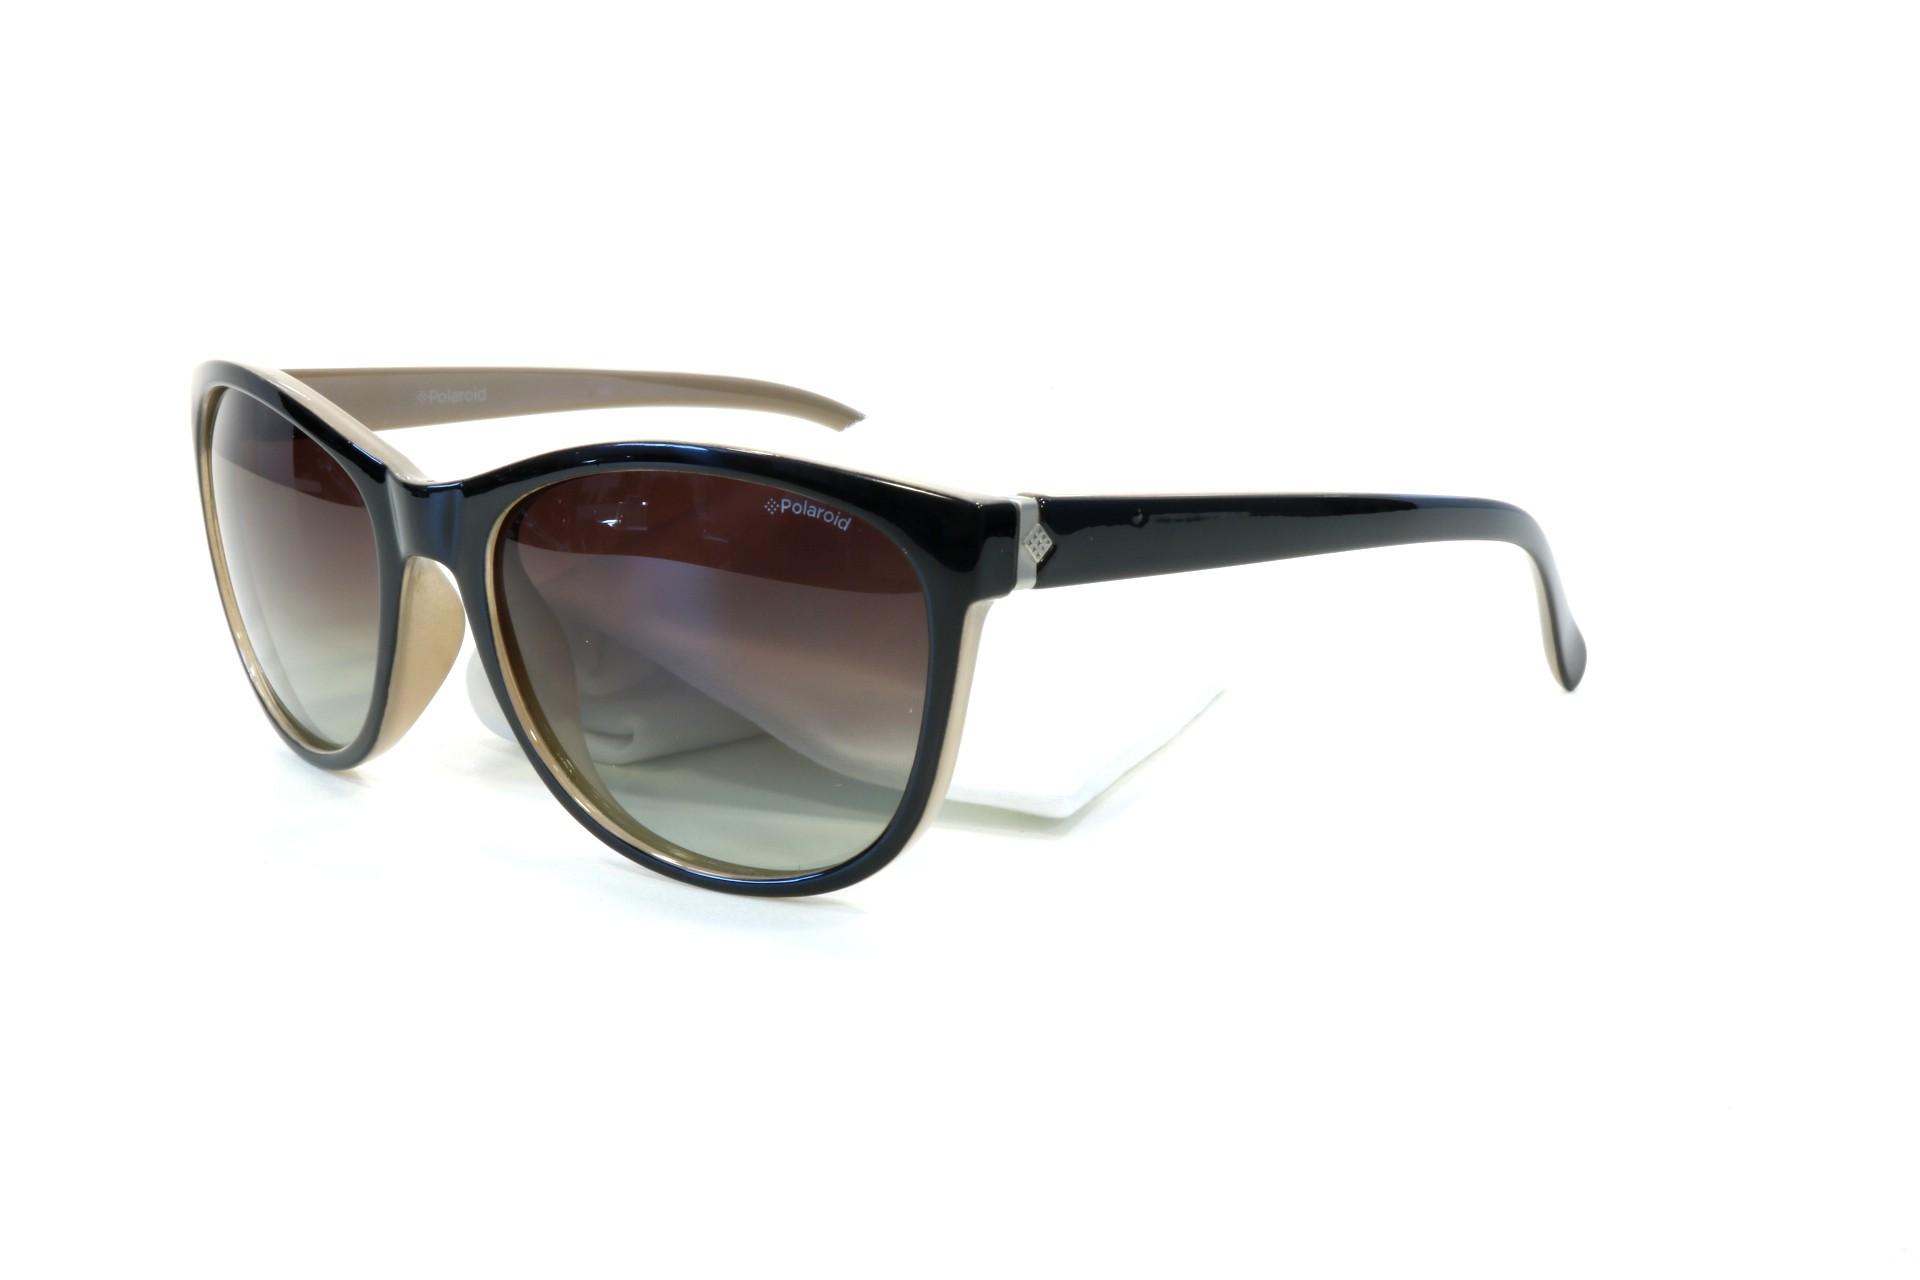 Солнцезащитные очки Polaroid P8339 KIH LA 55 - купить по низкой цене в  интернет-магазине Линзмастер. 9c2b4906cd9